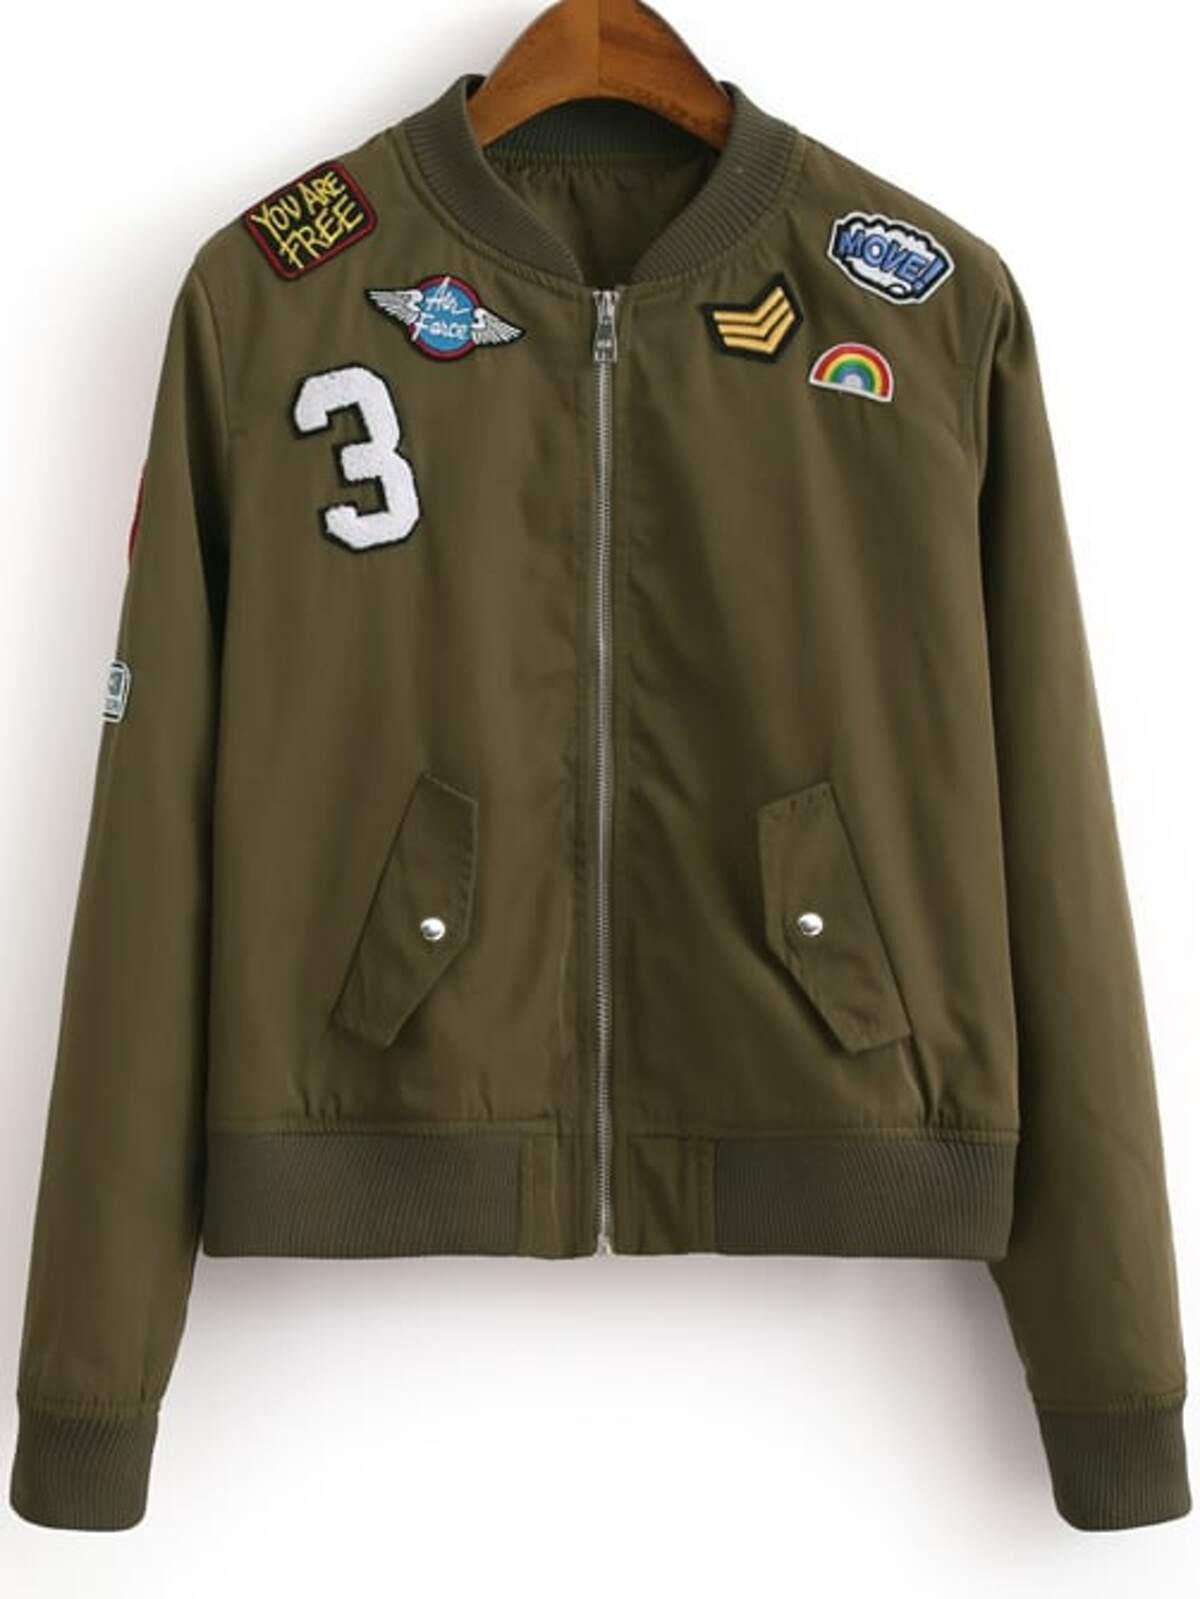 軍綠色 前面有拉鏈 徽章 刺鏽 外套